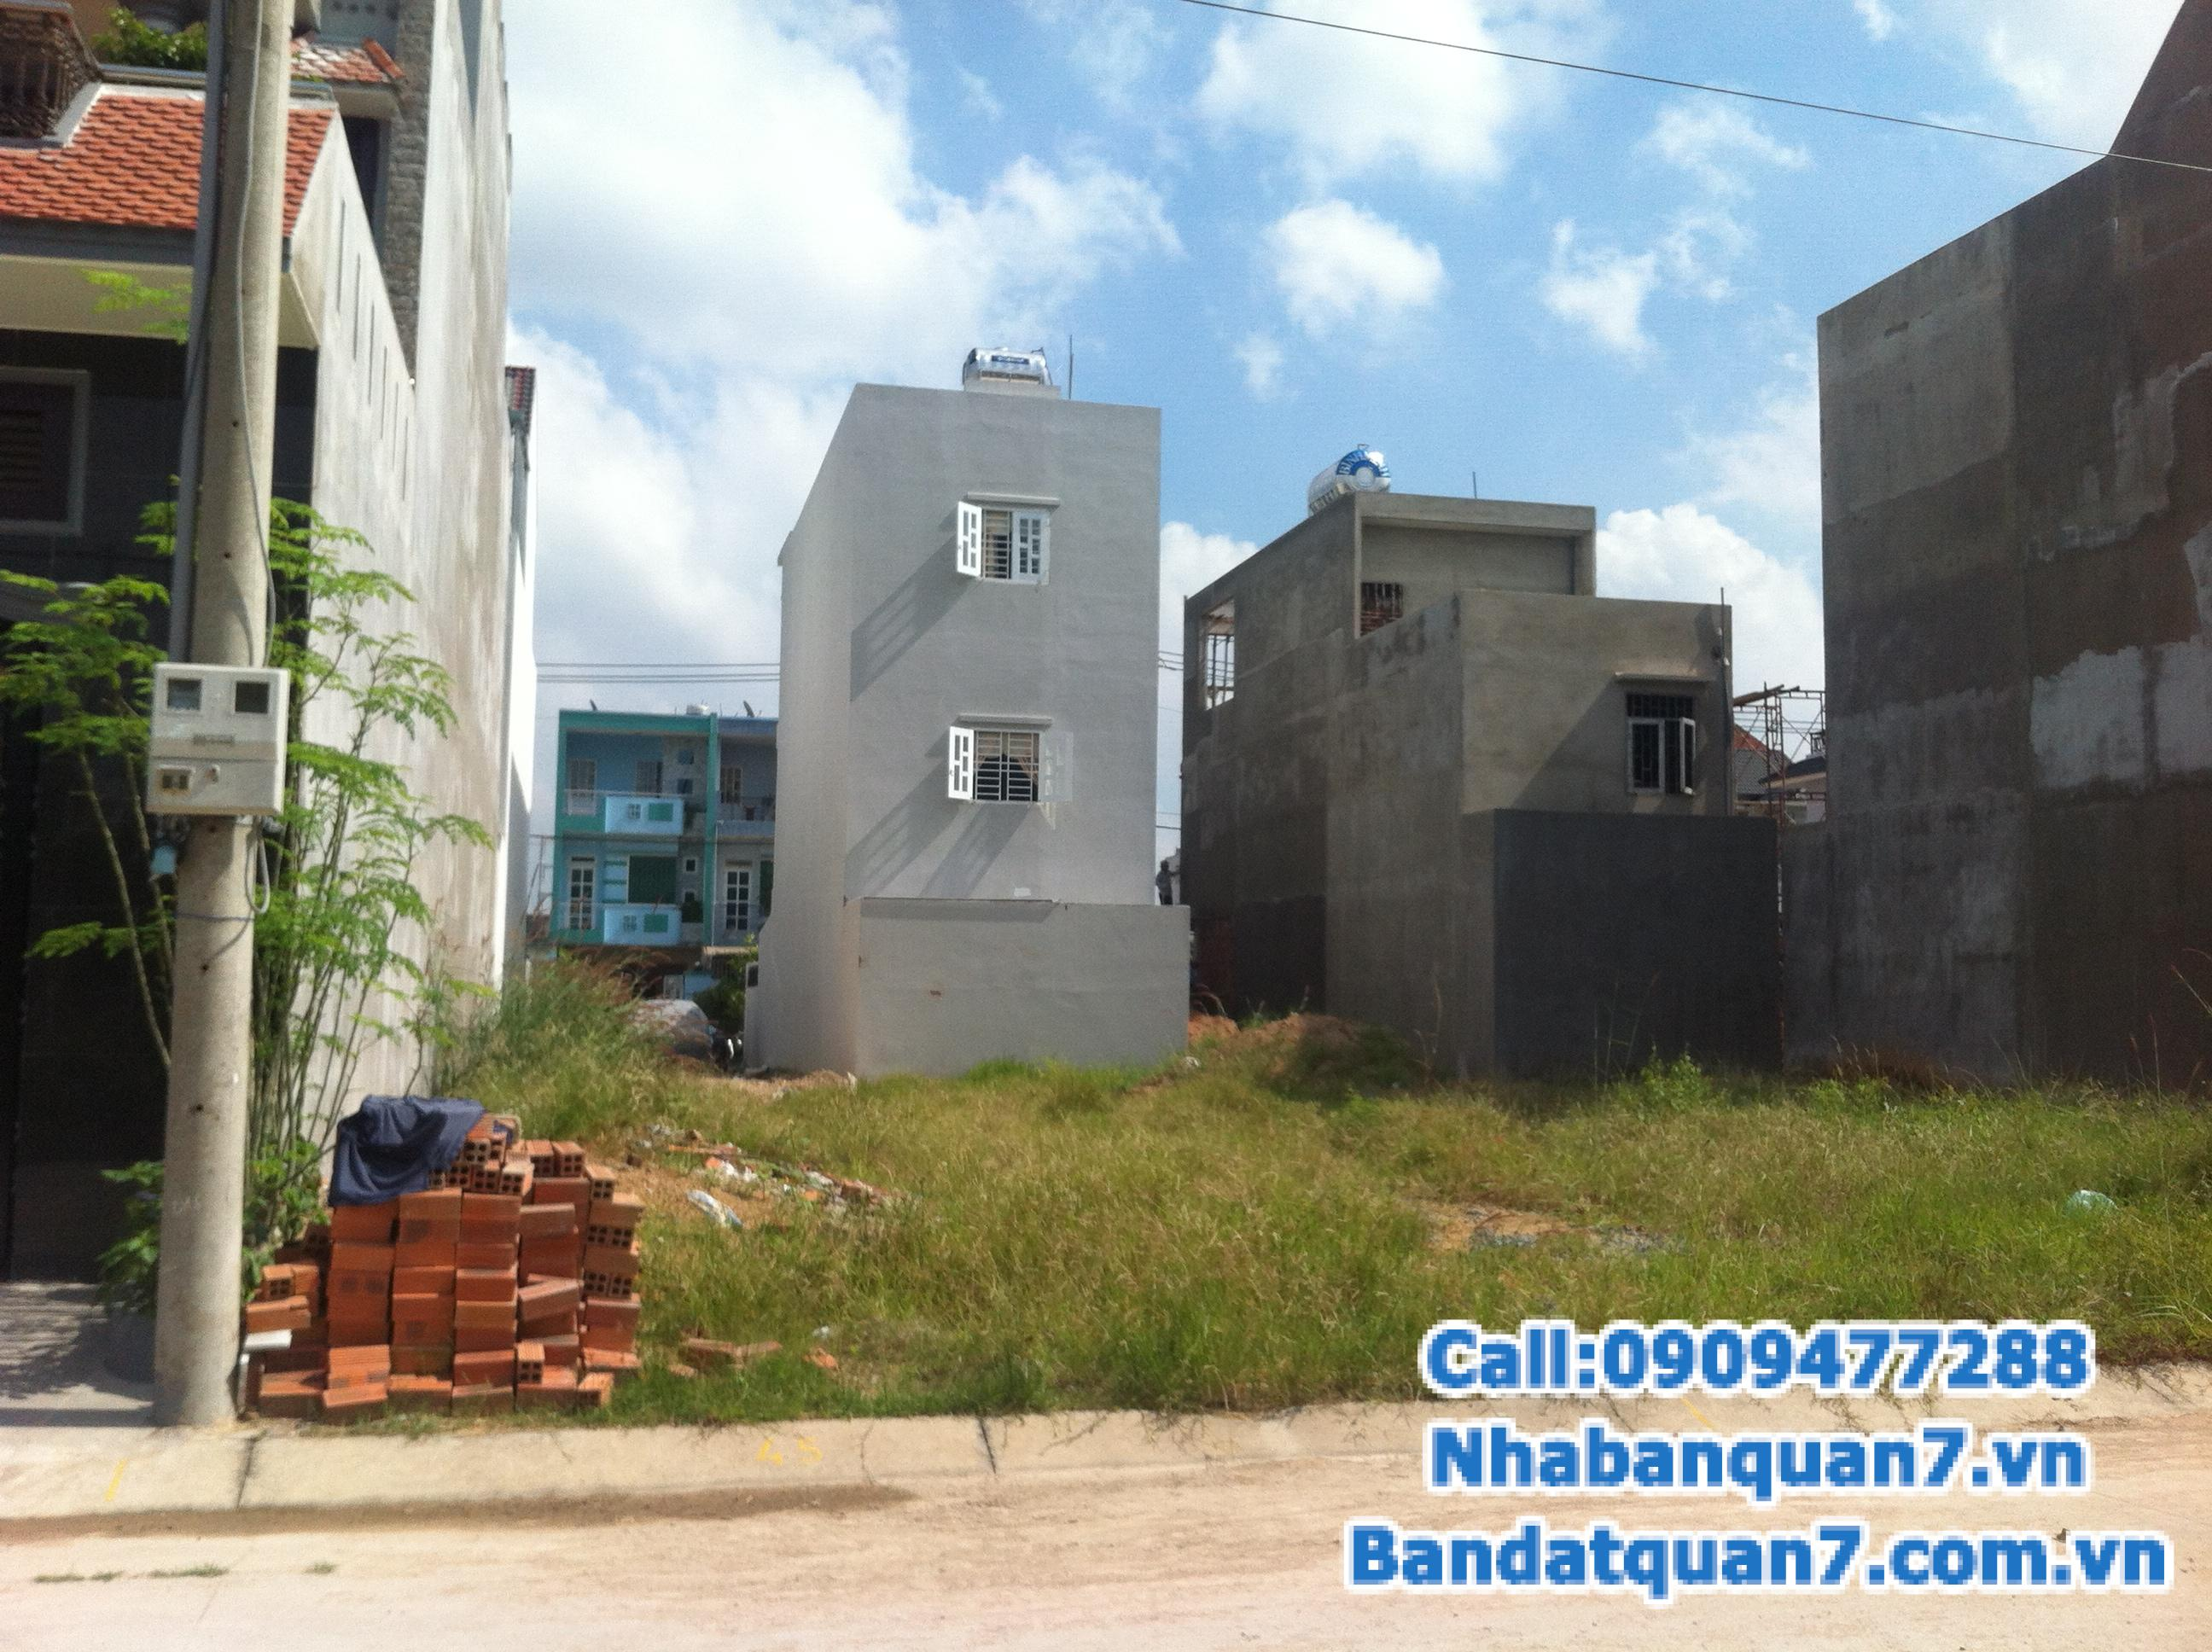 Bán đất đường số Tân Quy, Quận 7 giá tốt, diện tích 4x20, 5x18, 6x18, 10x20m